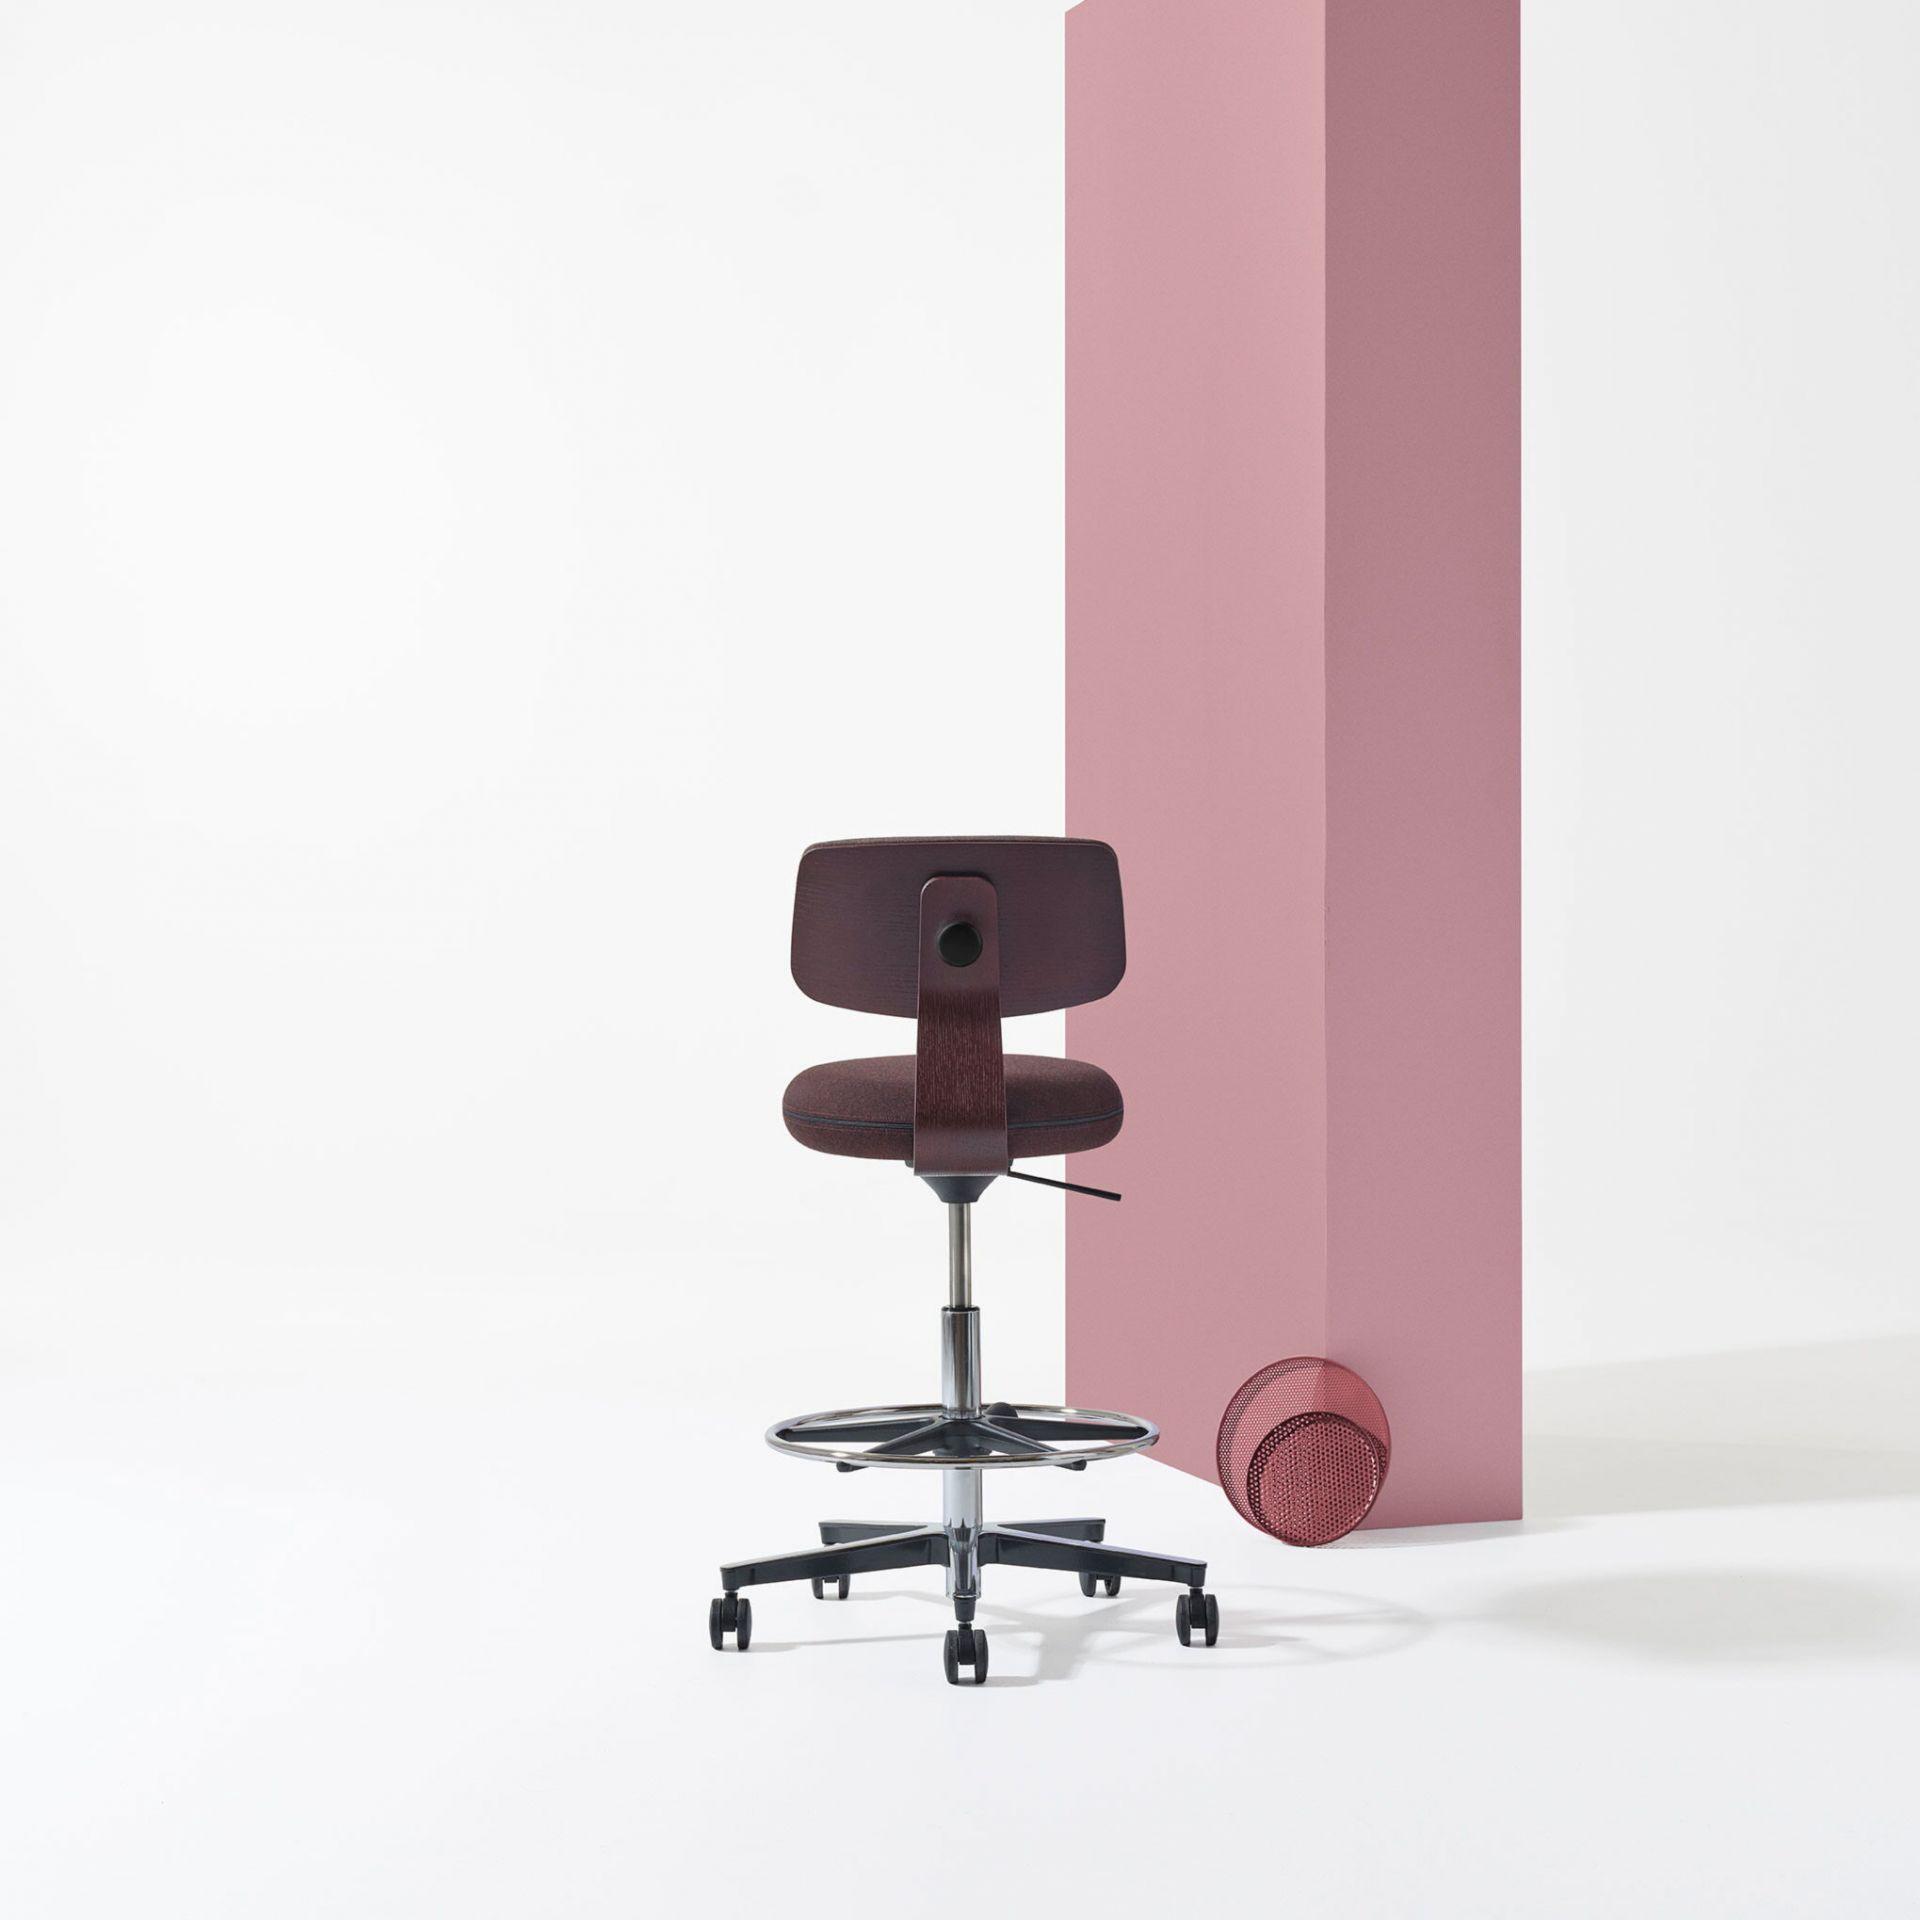 Savo 360 360 hög stol produktbild 3